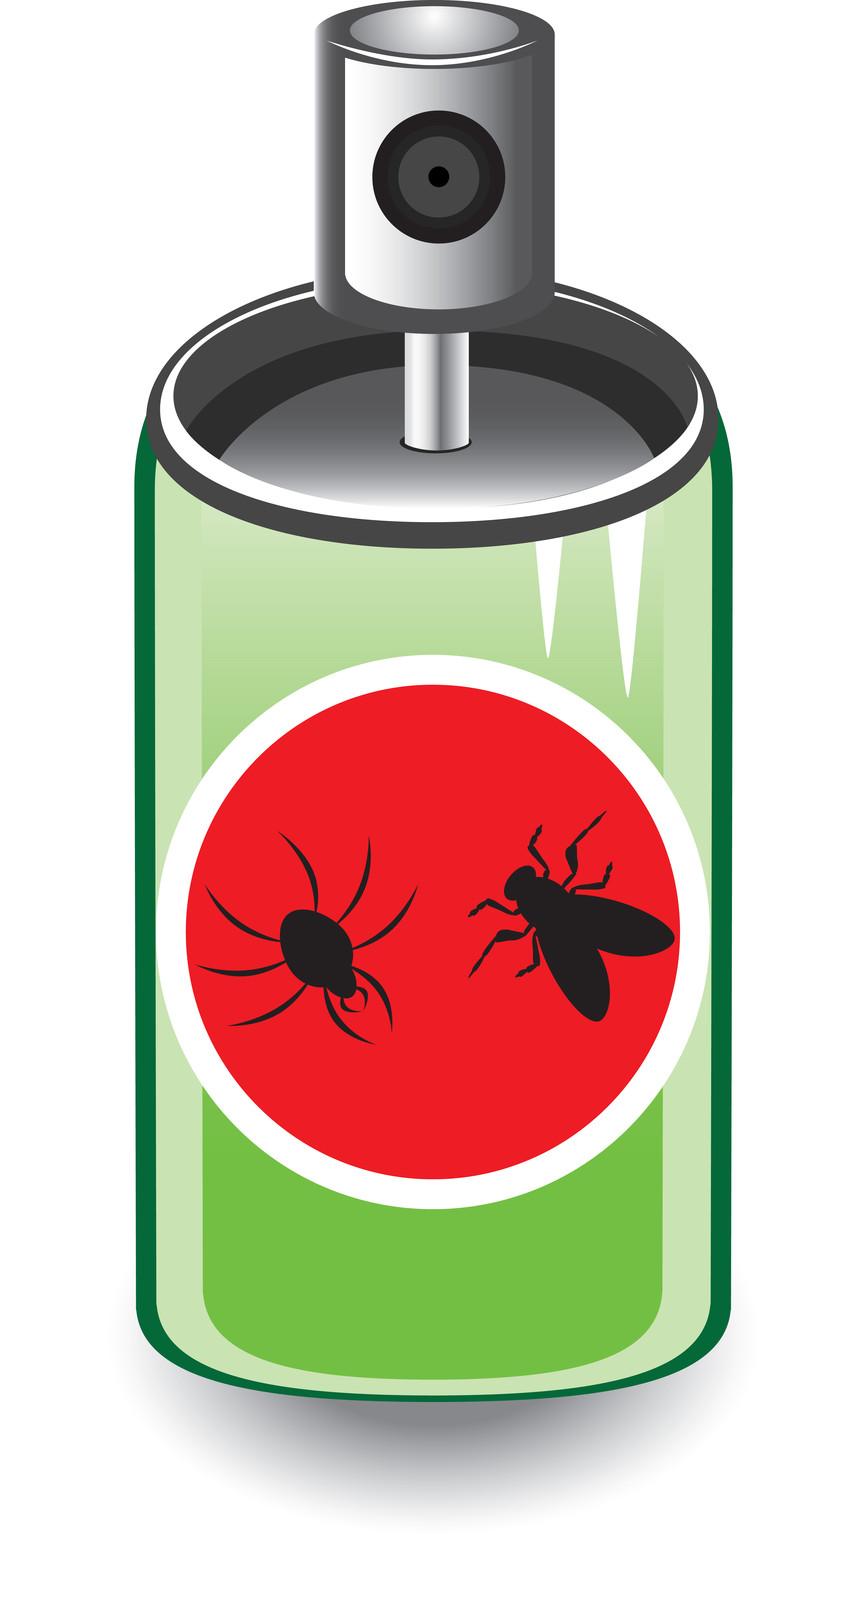 Housefly Spray